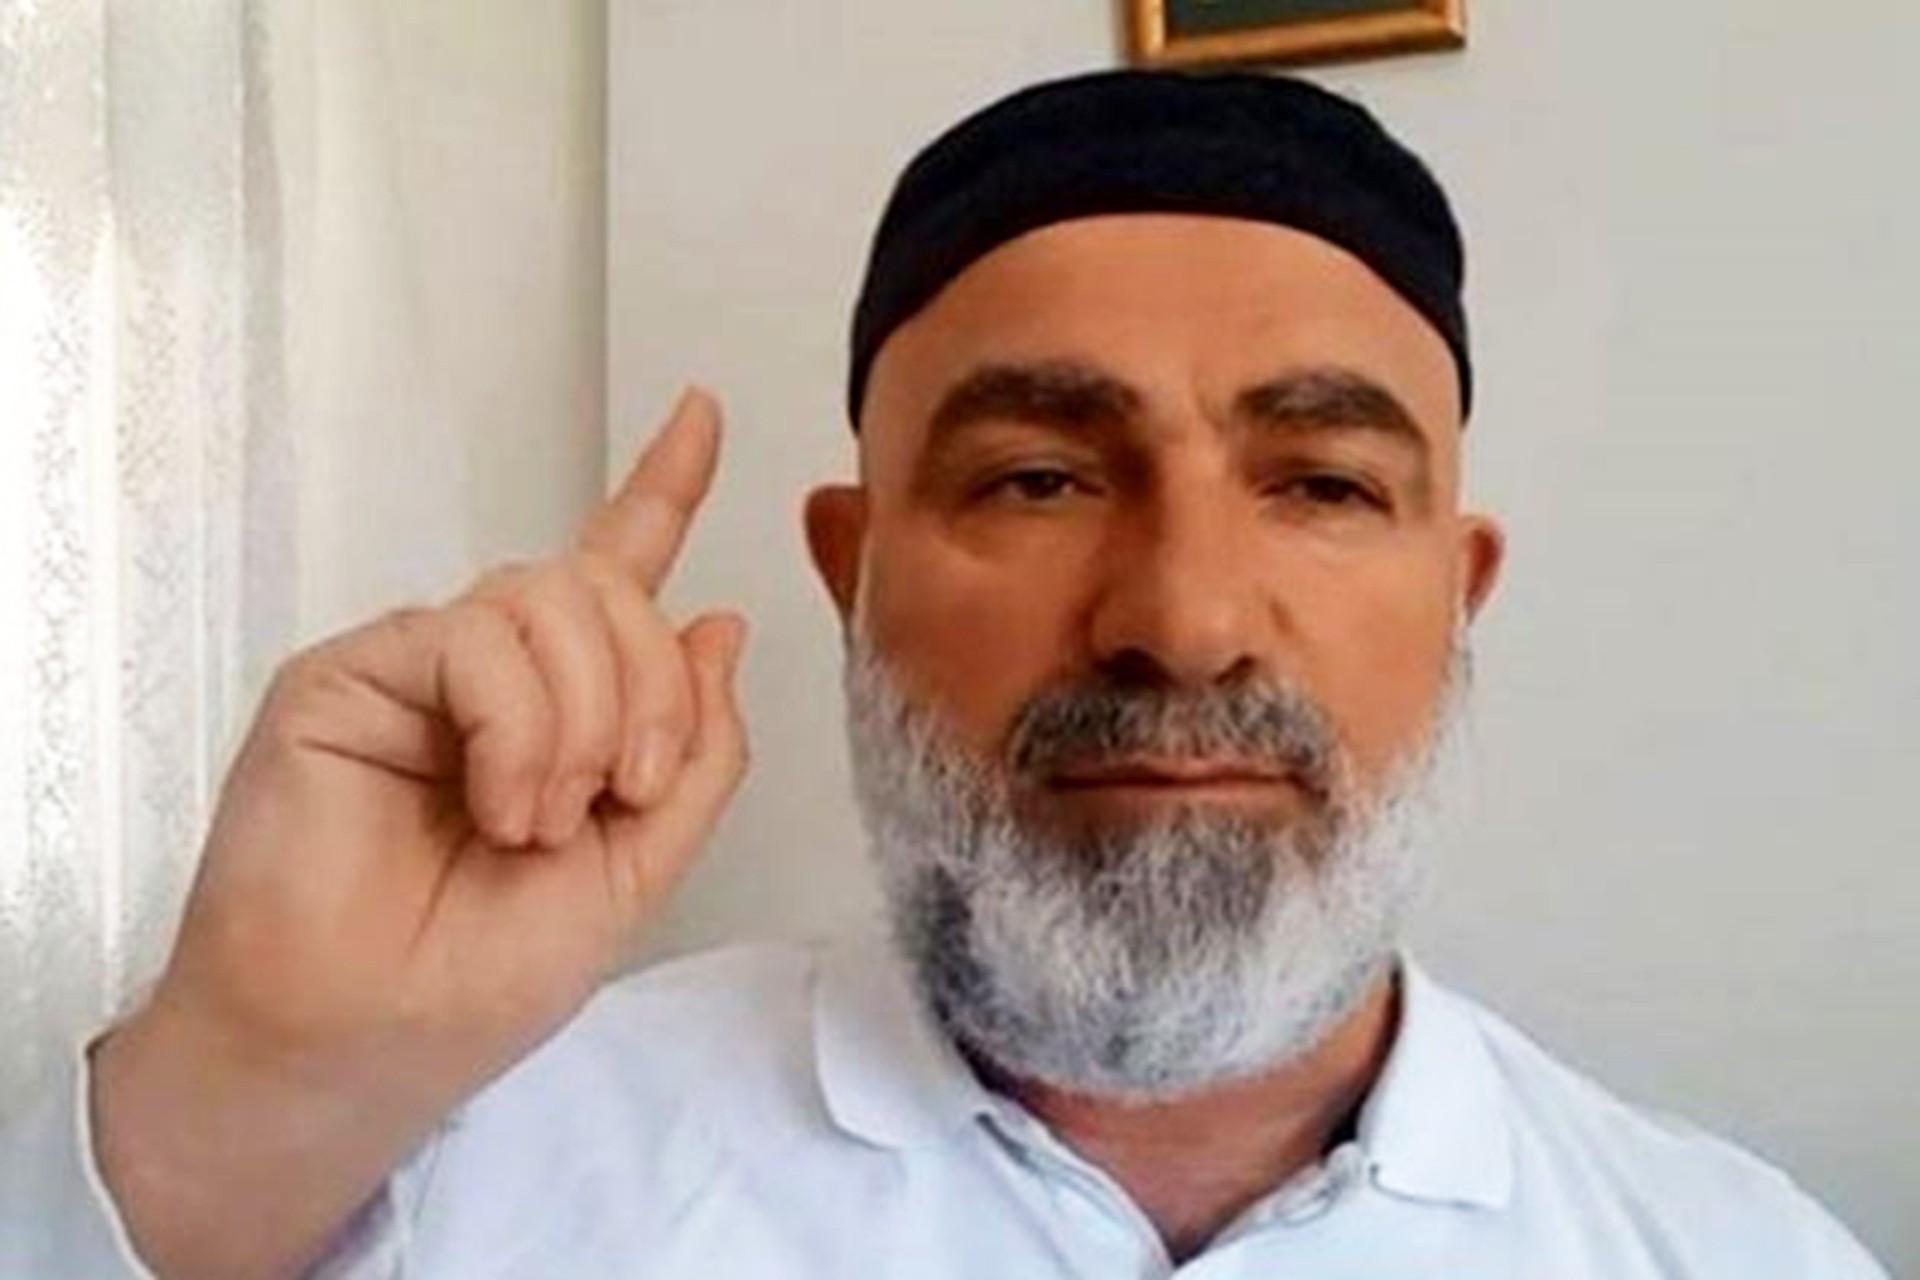 Görevden alınan Dr. Ali Edizer'in fotoğrafı.